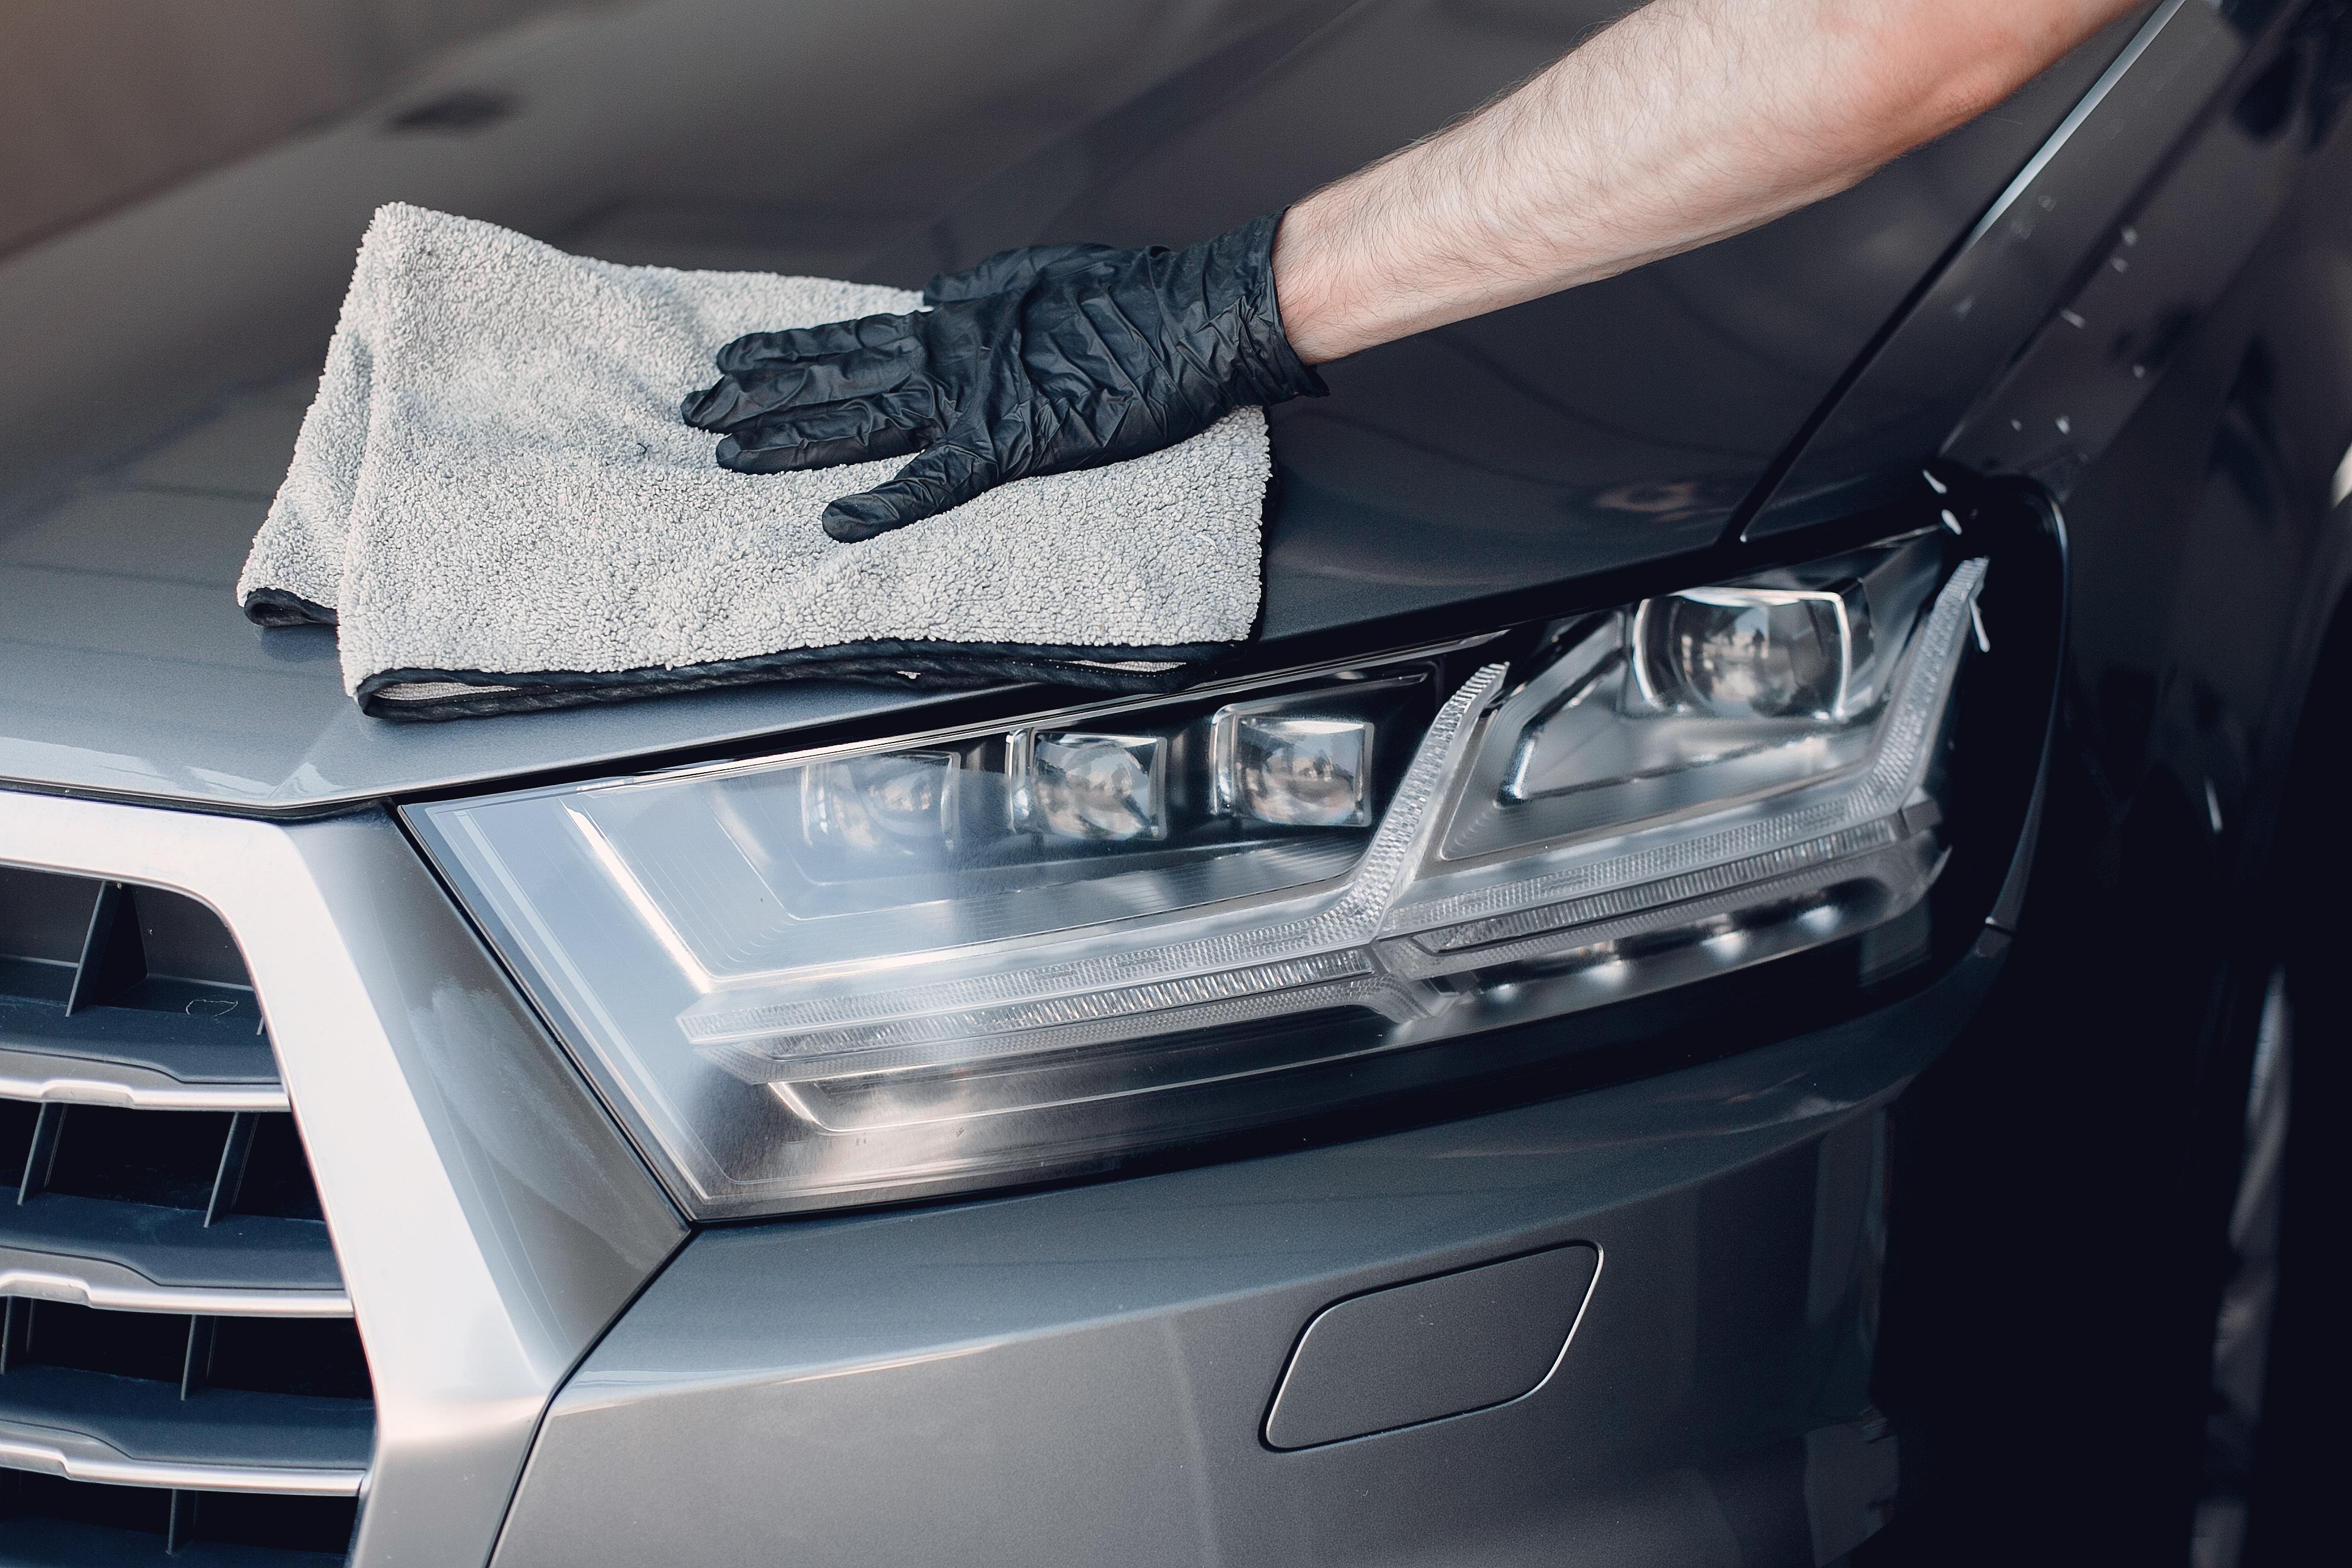 (TMVL0509) Pintura de vehículos (MF0122_2: Preparación de superficies)